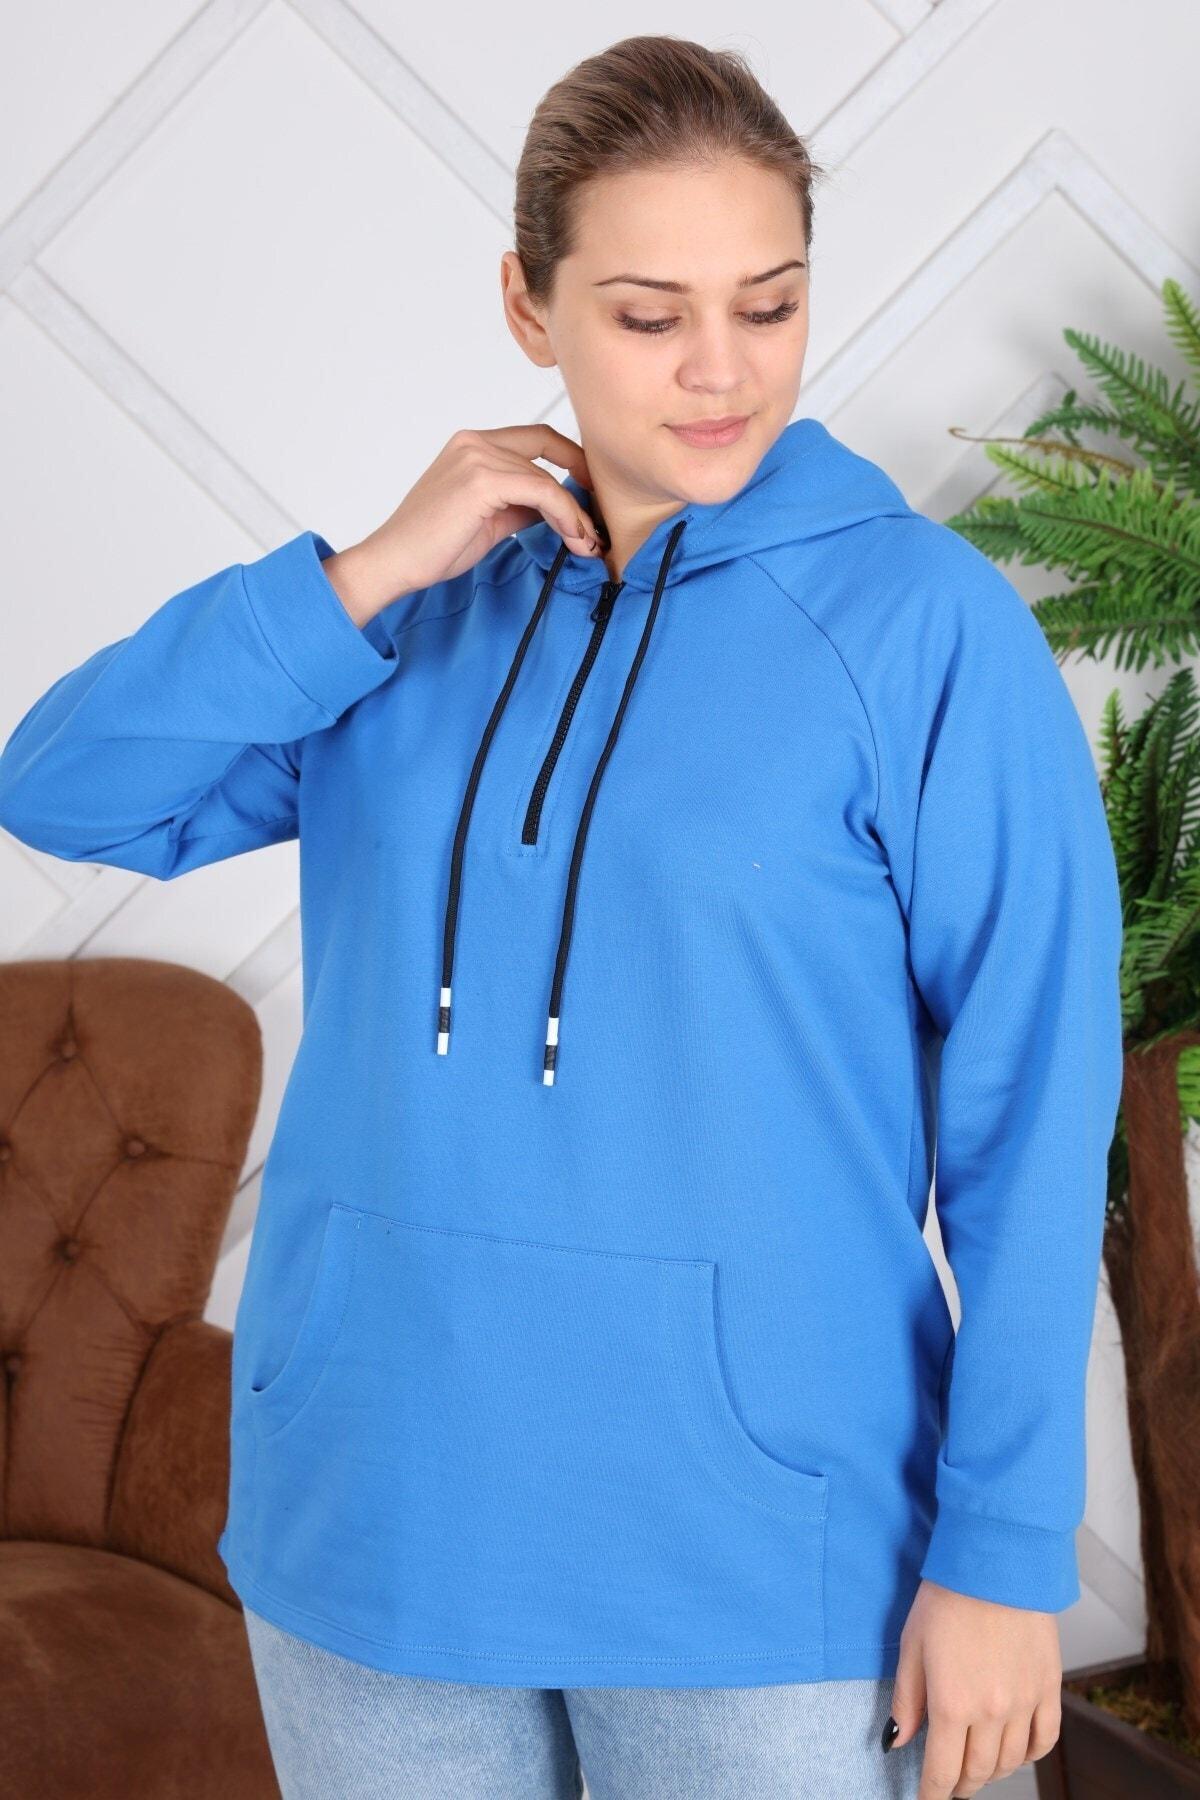 RMG Kapşonu Şerit Detaylı Fermuarlı Büyük Beden Mavi Sweatshirt 1